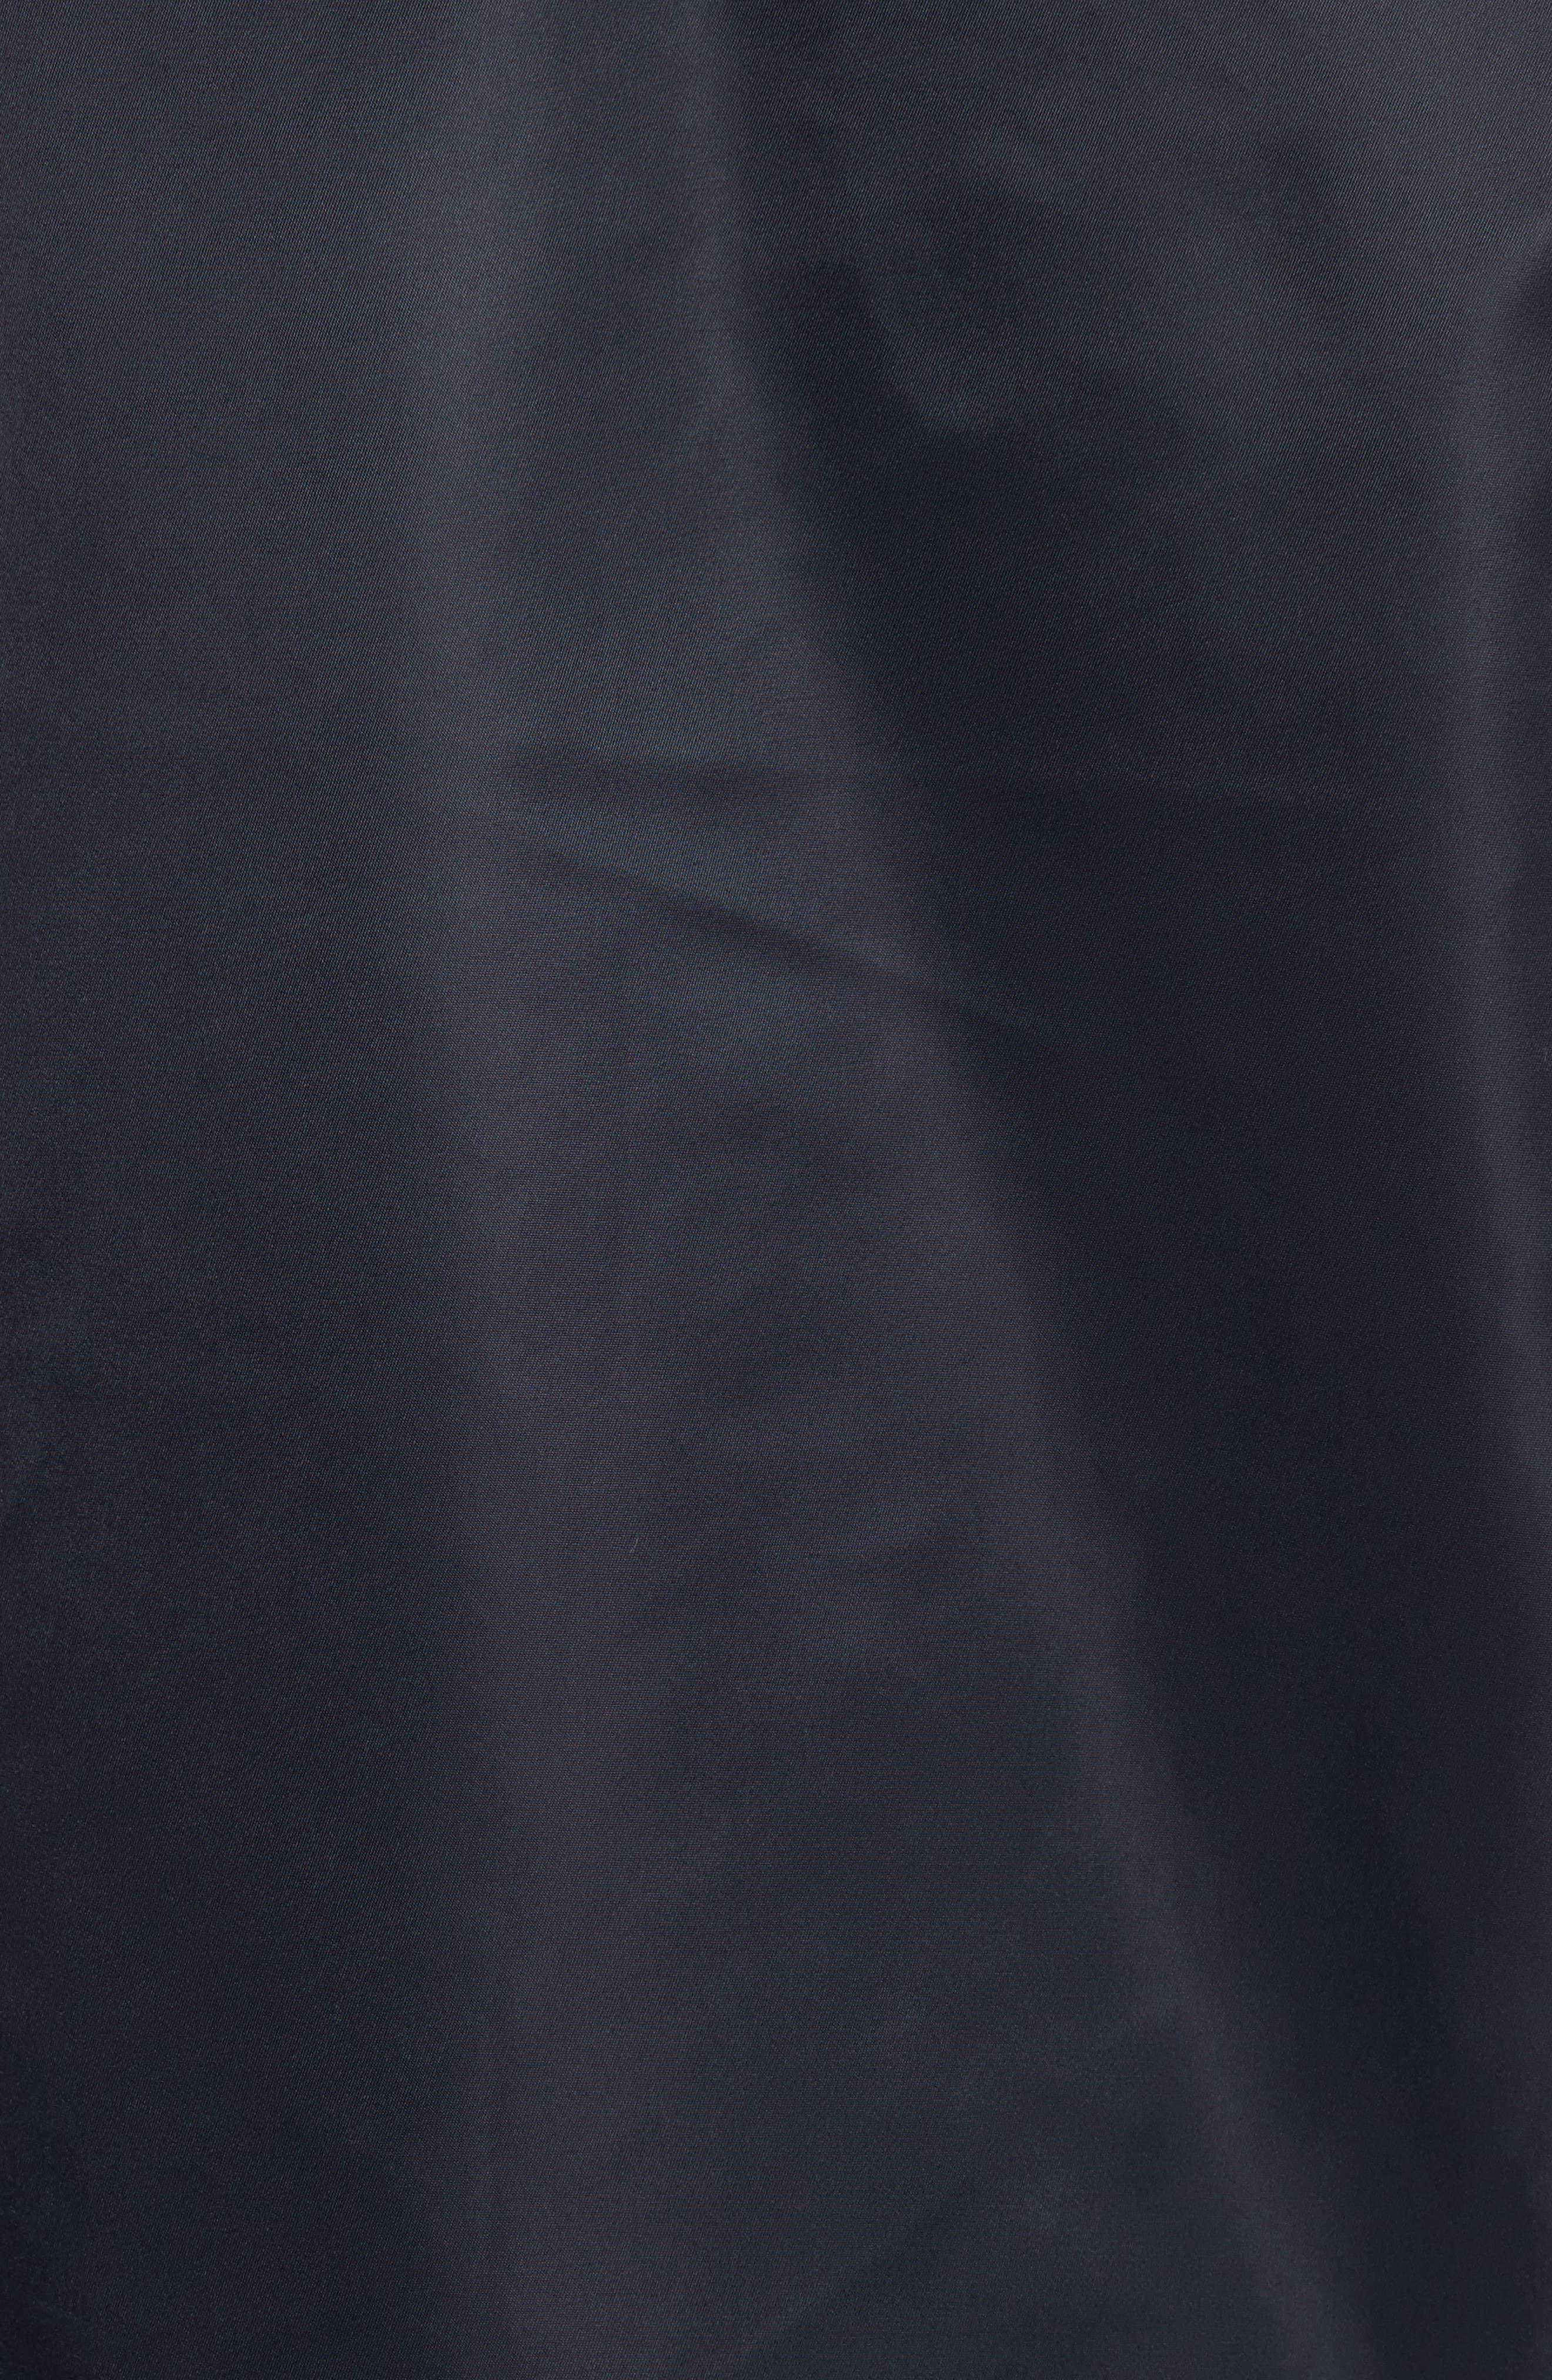 Nylon Bomber Jacket,                             Alternate thumbnail 7, color,                             Steel Blue